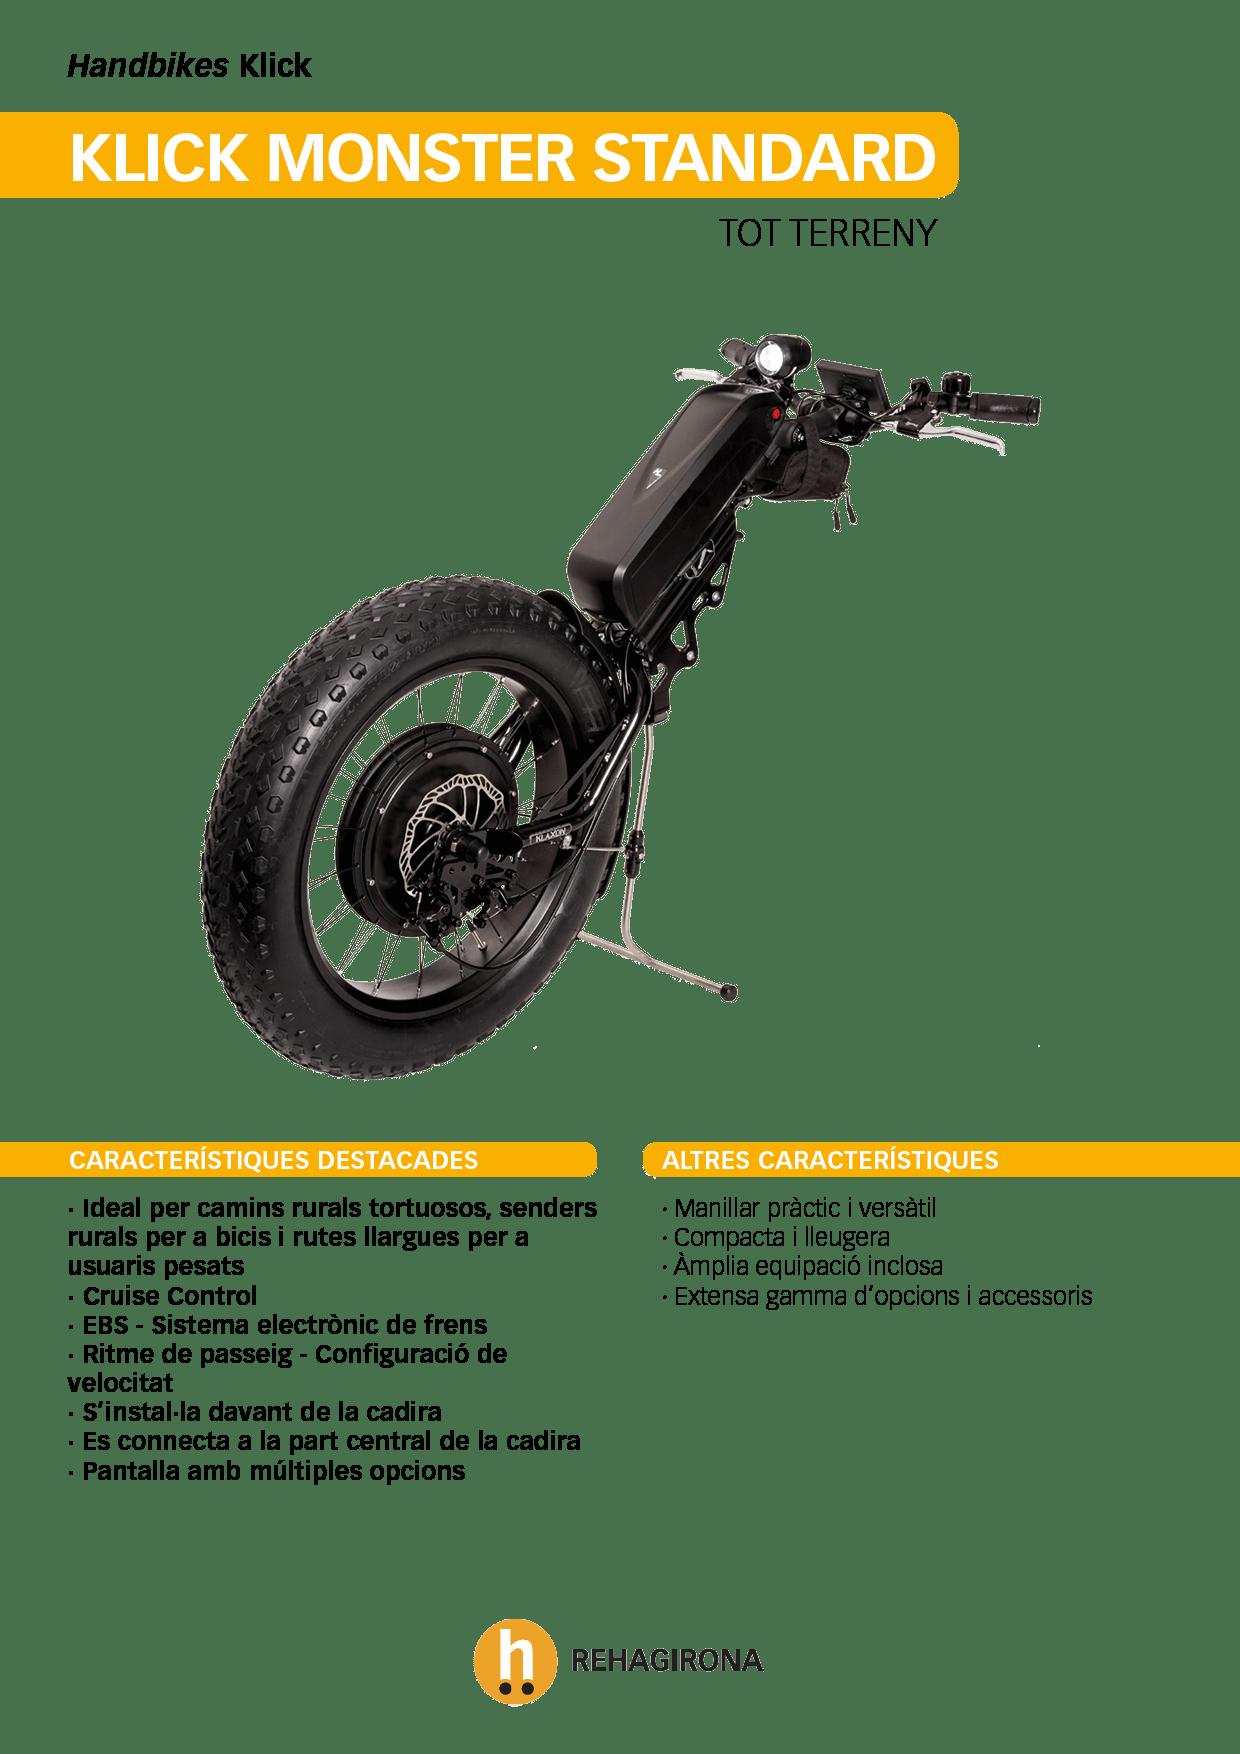 Característiques i beneficis més destacats de la handbike Klick Monster Standard - Rehagirona